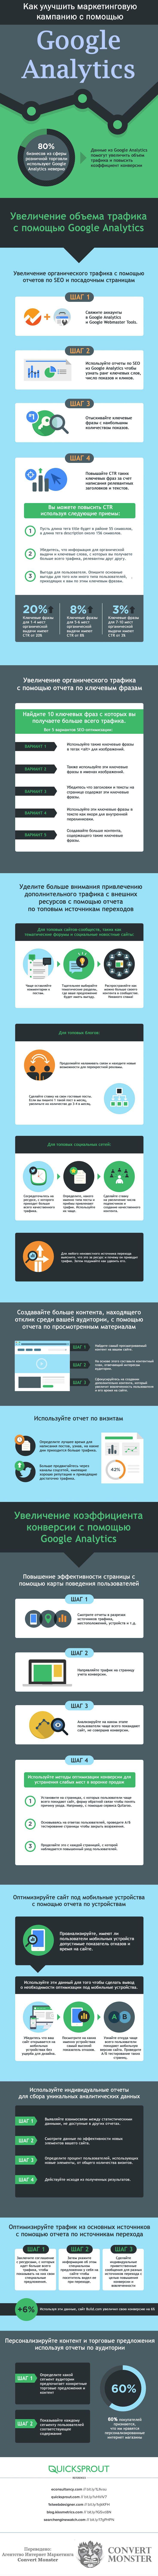 Инфографика про контент-маркетинг с Google Analytics